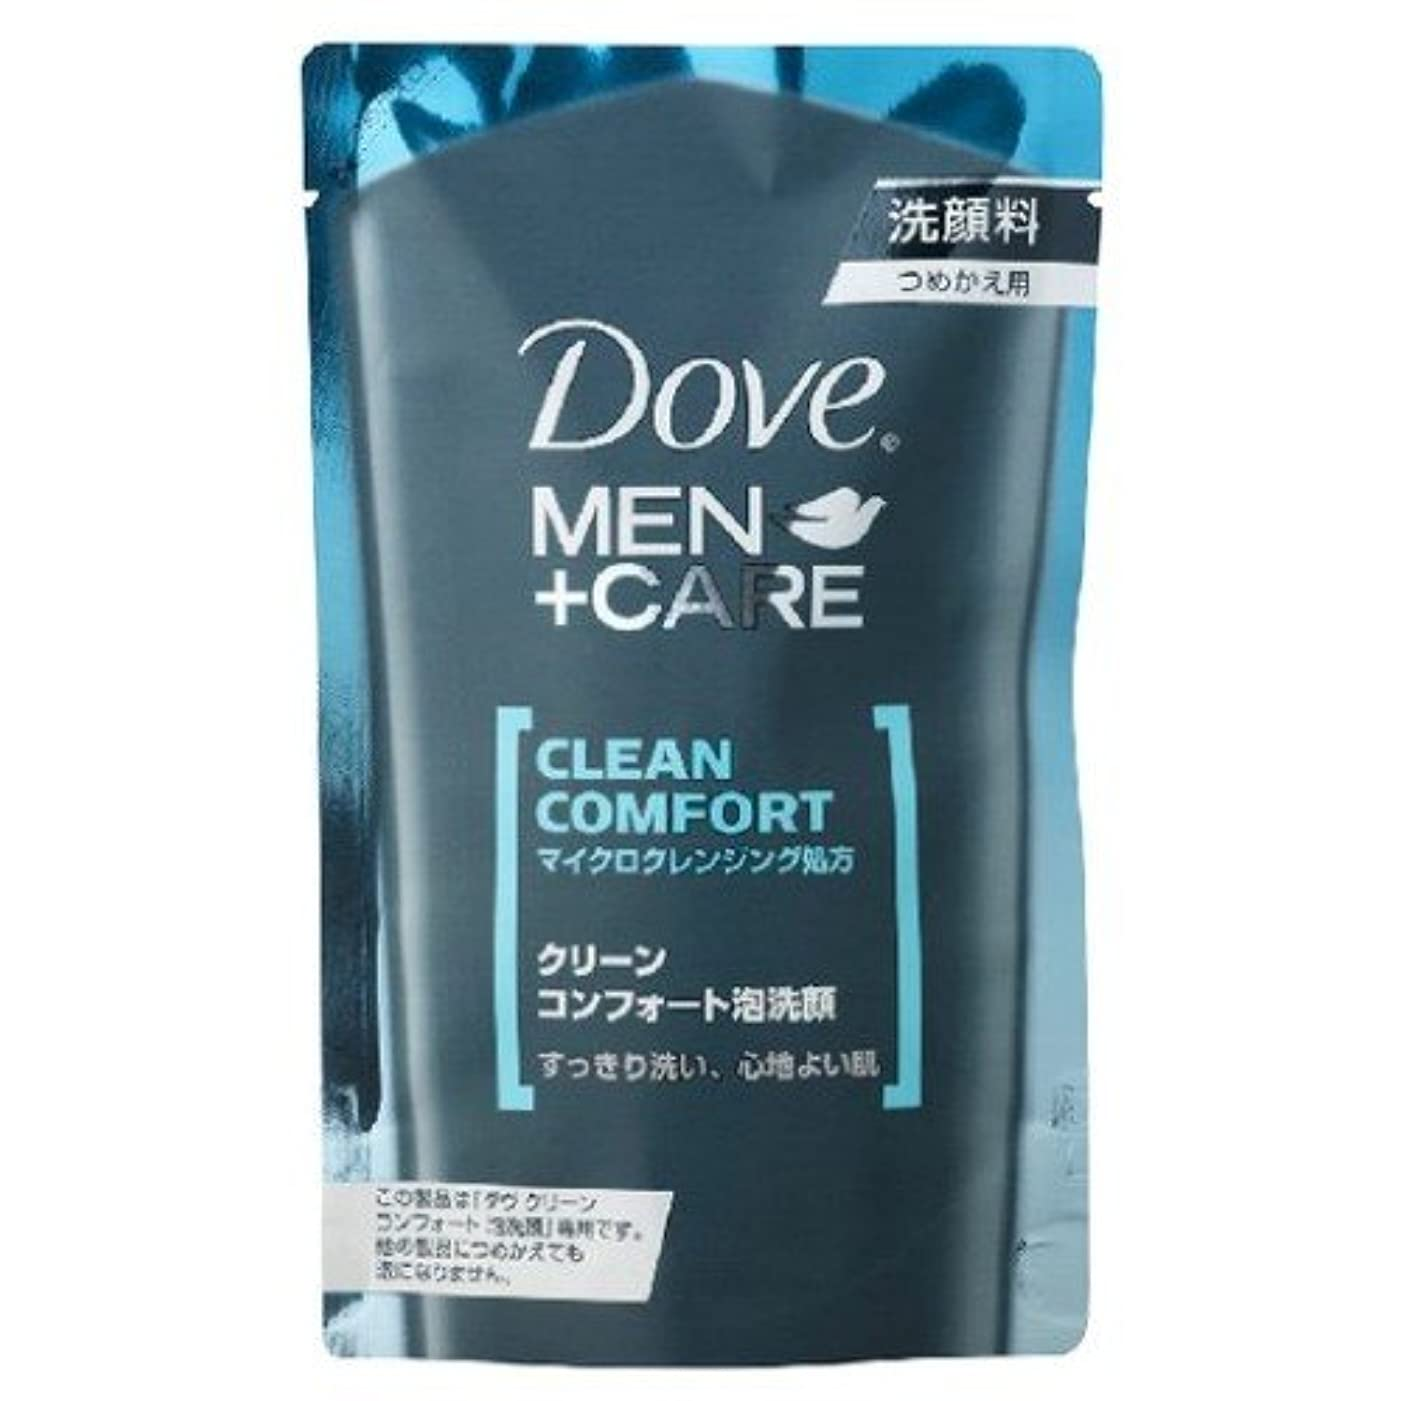 ミント談話驚いたことにダヴ クリーンコンフォート 泡洗顔 つめかえ用 110ml